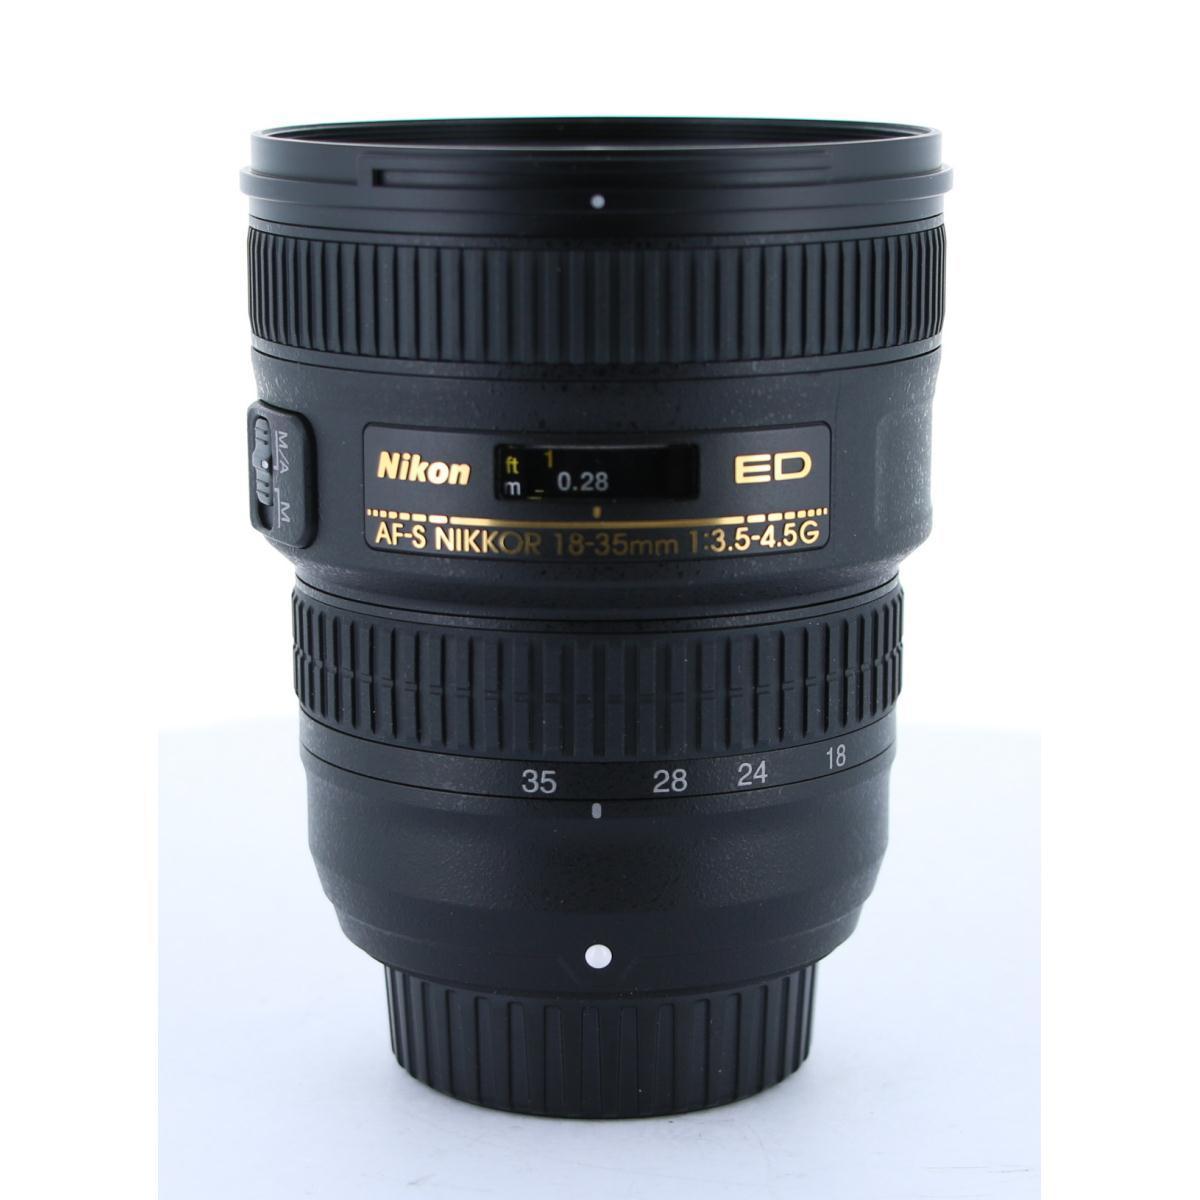 NIKON NIKON AF-S18-35mm F3.5-4.5G ED【中古】 ED【中古】, ファーストワン:e99ebc4f --- officewill.xsrv.jp